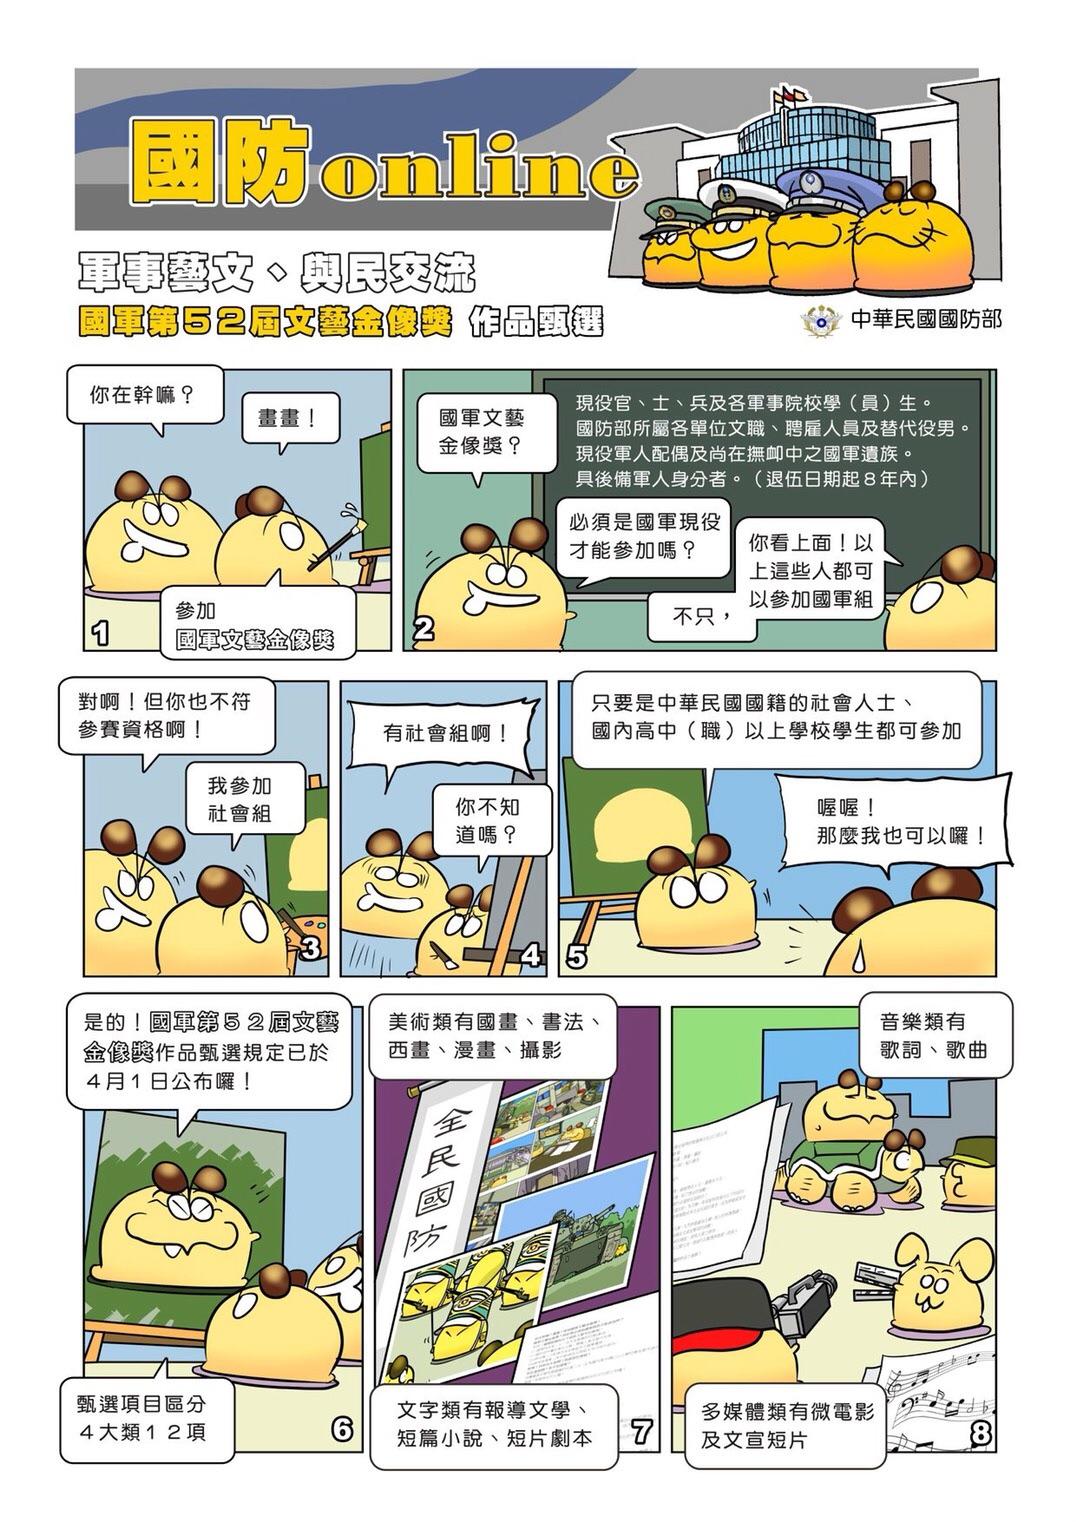 國防Online第25期_軍事藝文,與民交流01.jpg